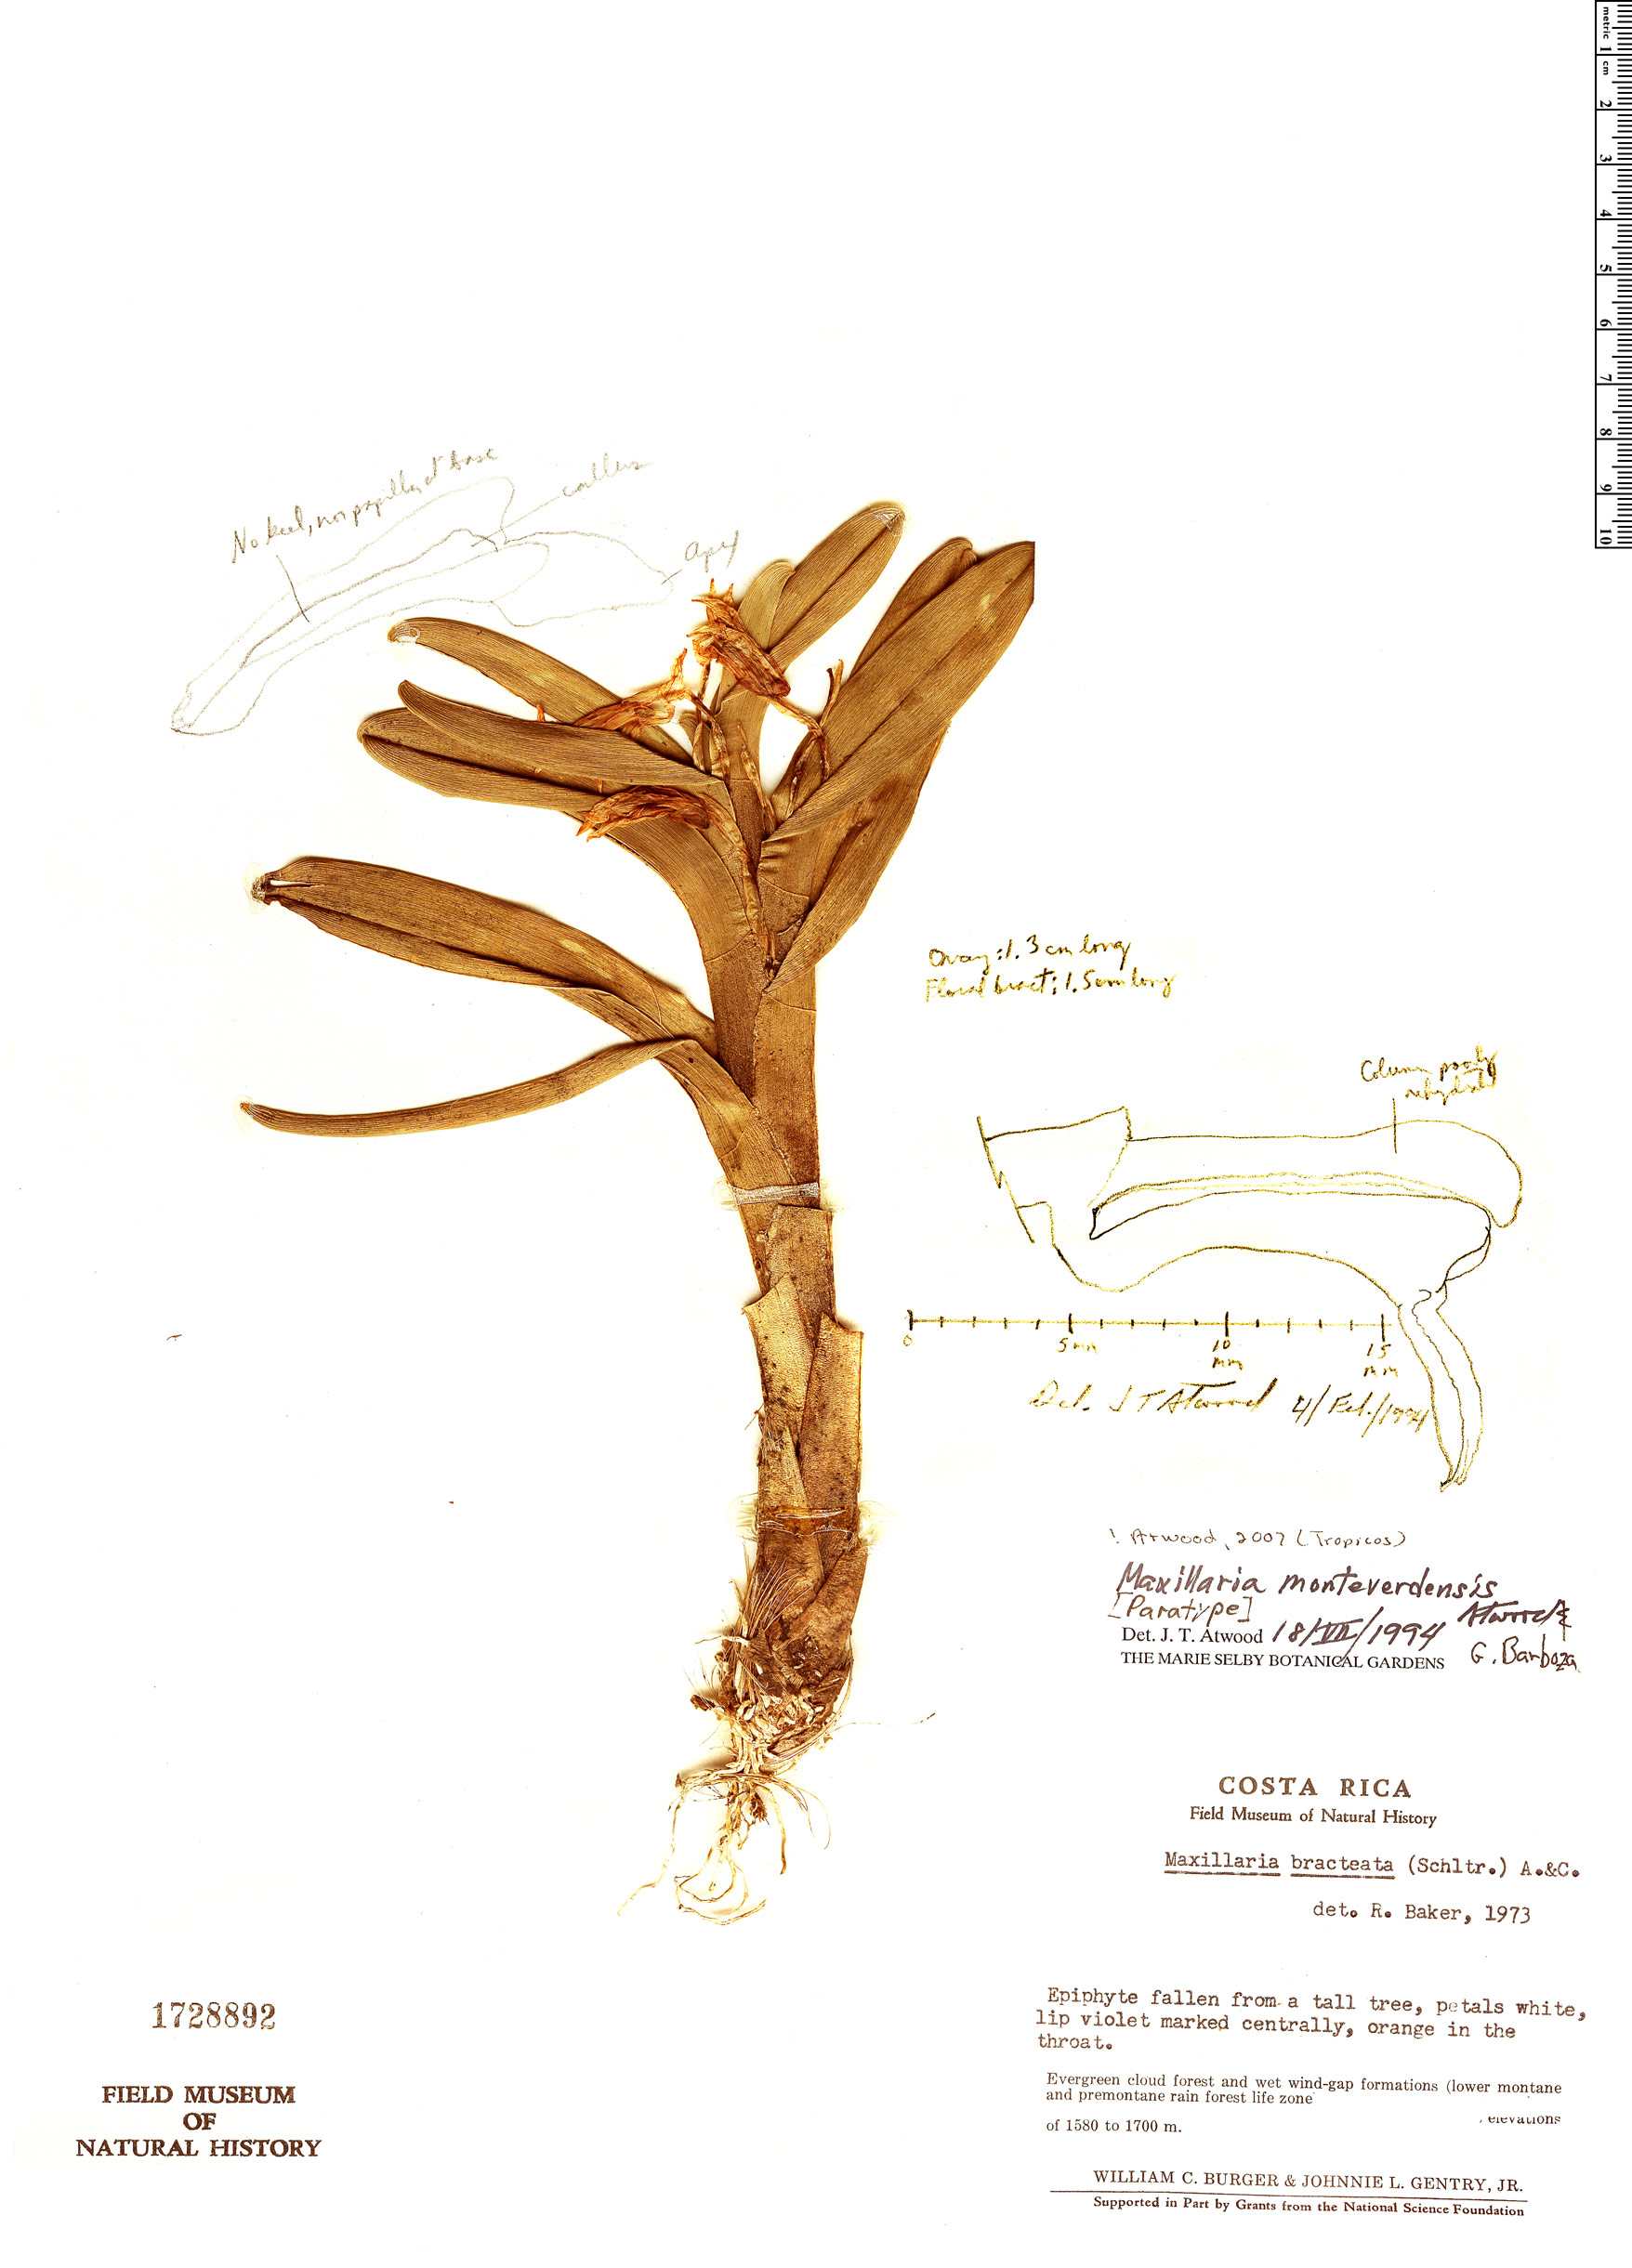 Specimen: Maxillaria monteverdensis